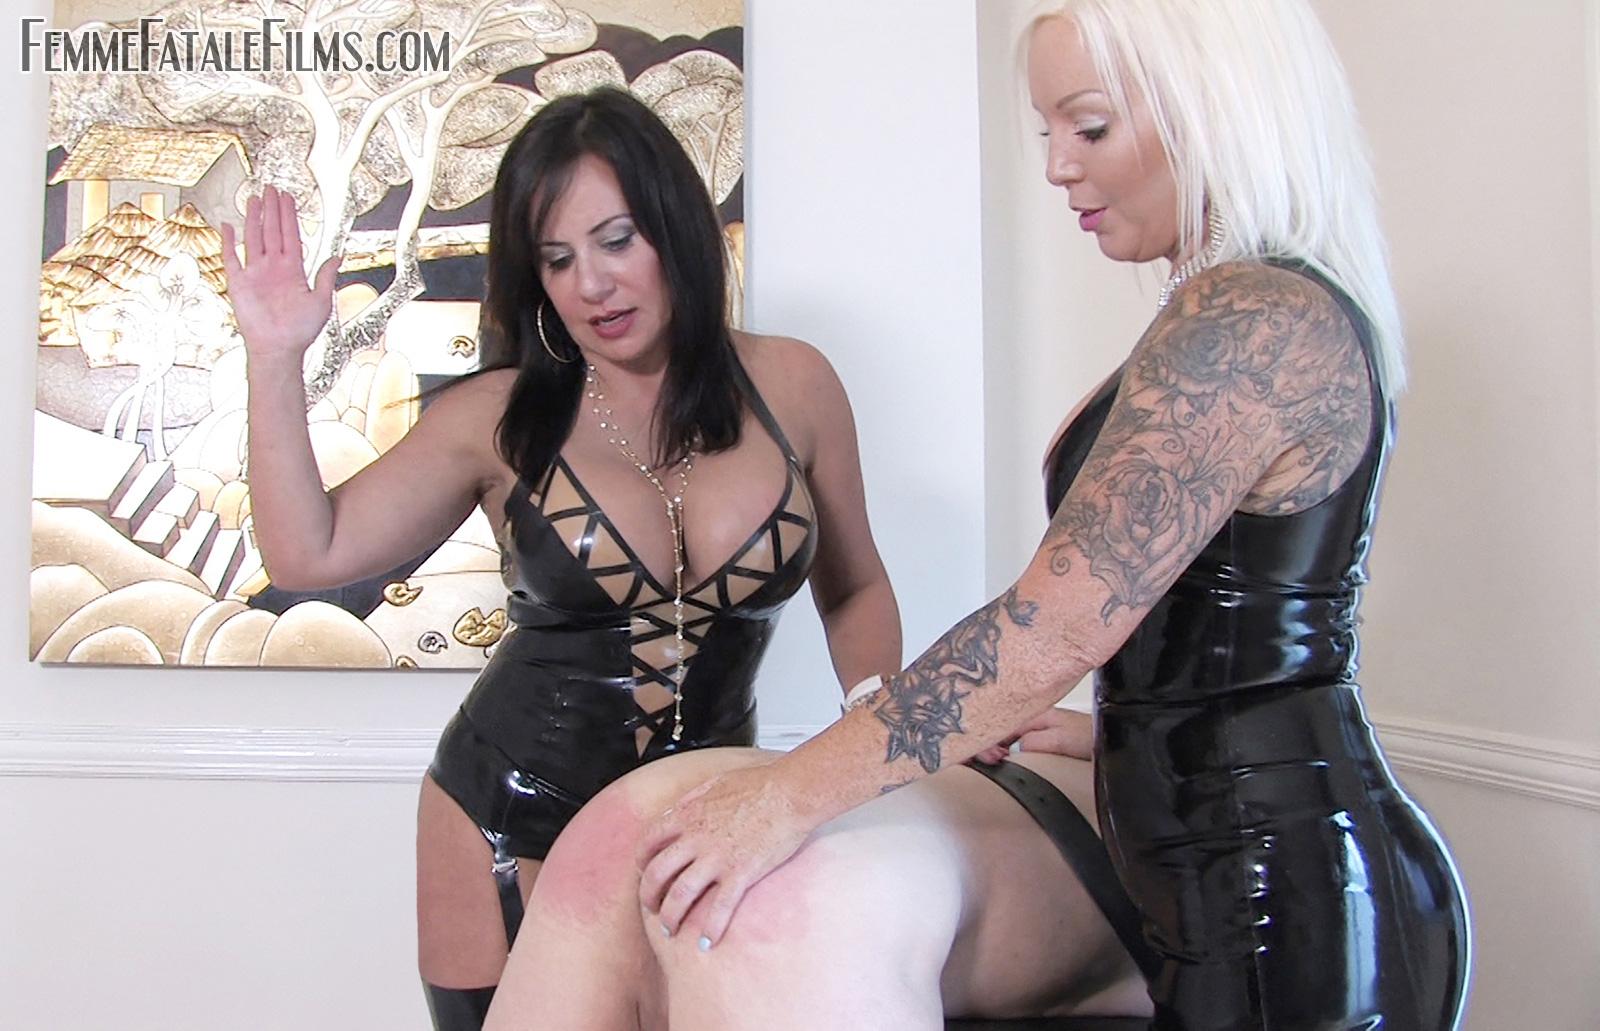 Mistress R'eal' punishes her slave